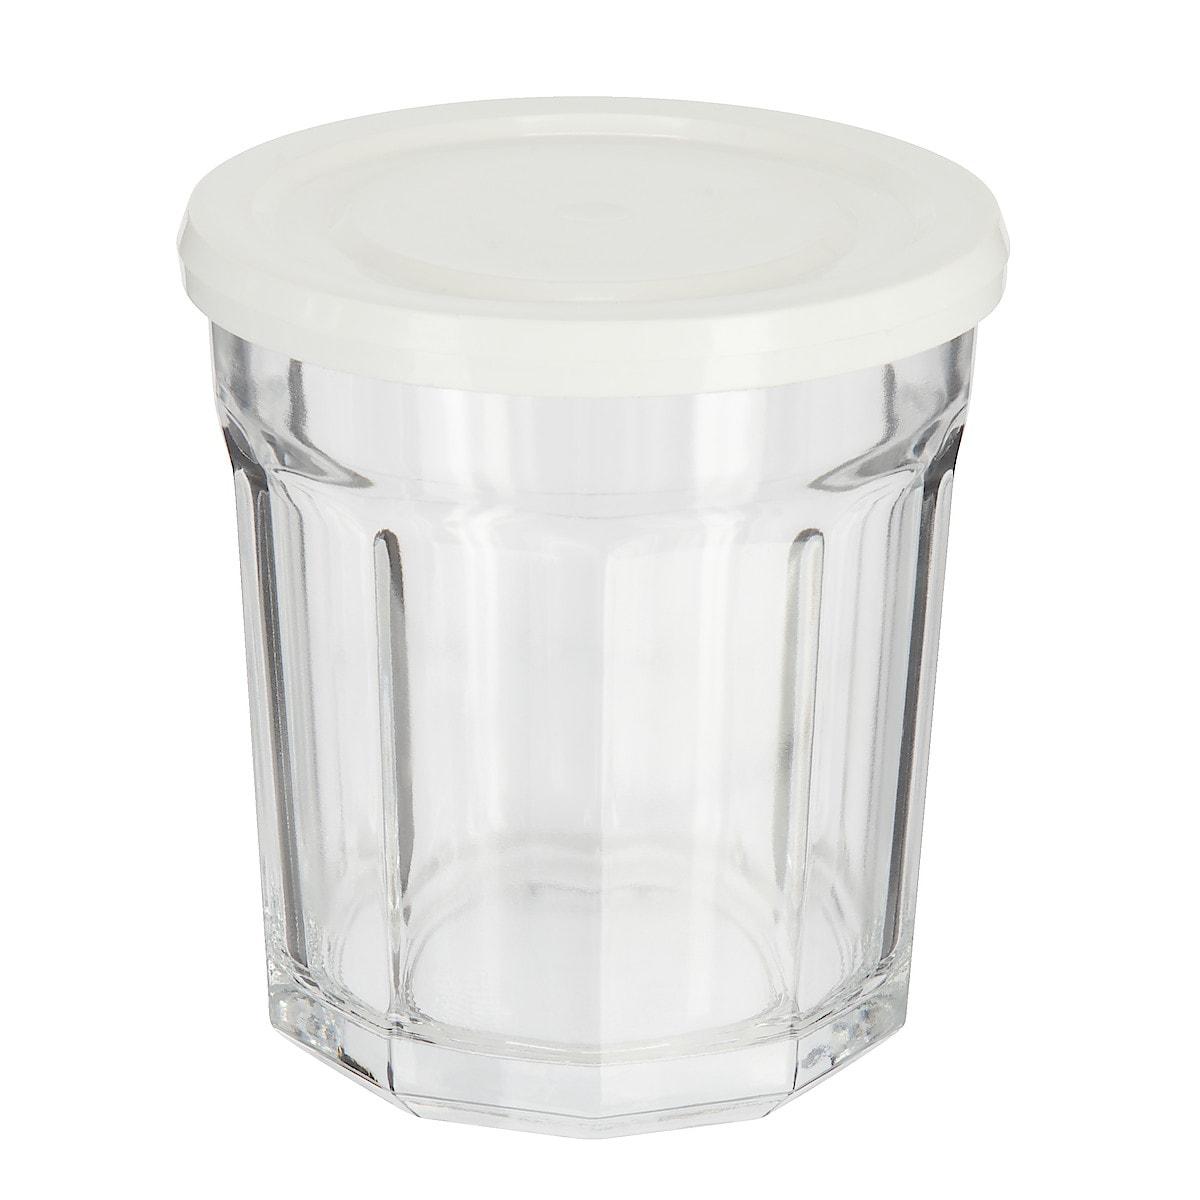 Glasskrukke  med plastlokk